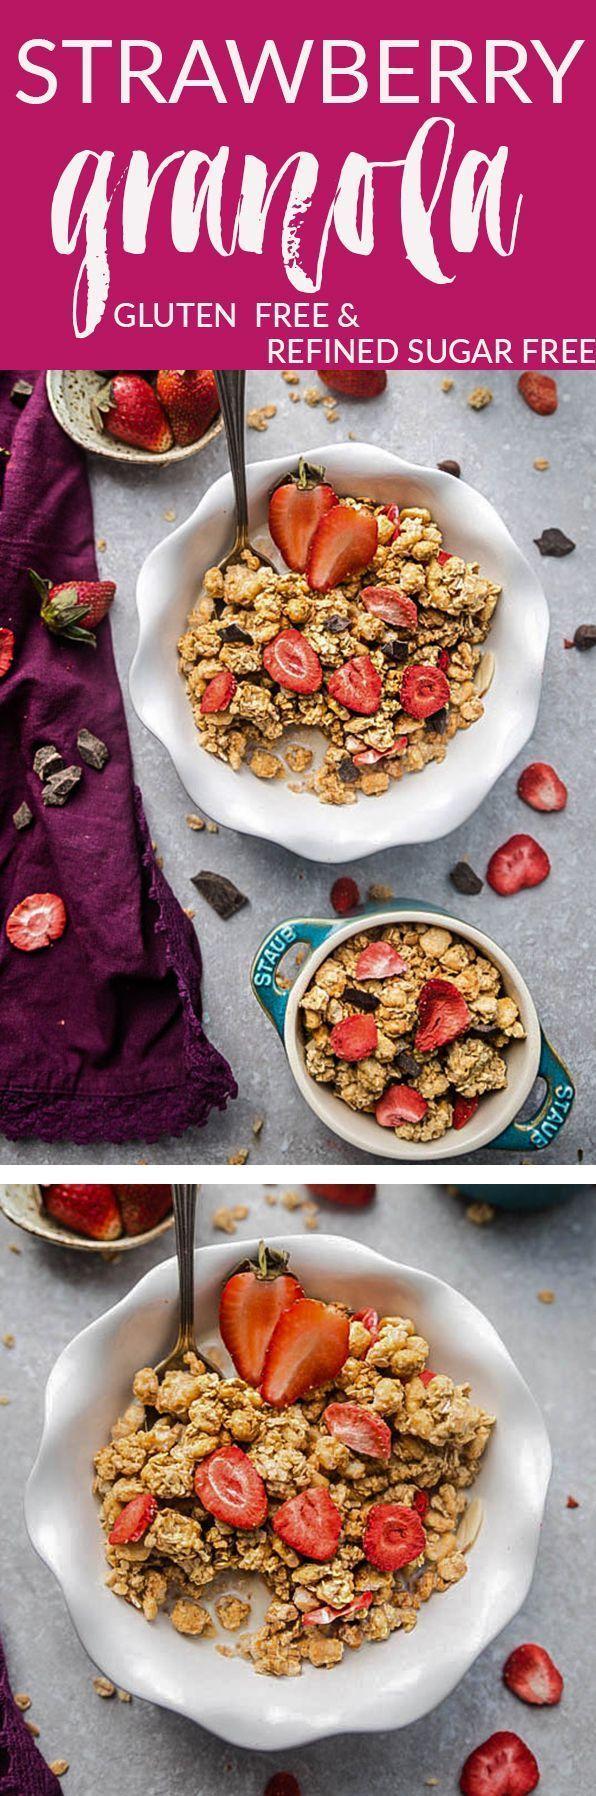 Strawberry Double Chocolate Granola ist das perfekte glutenfreie Frühstück oder ein Snack nach der Schule / vor oder nach dem Training. Geladen mit knusprigen Büscheln Kokosraspeln weißen und dunklen Schokoladenstückchen sowie gefriergetrockneten und frischen Erdbeeren. Das Beste von alle...